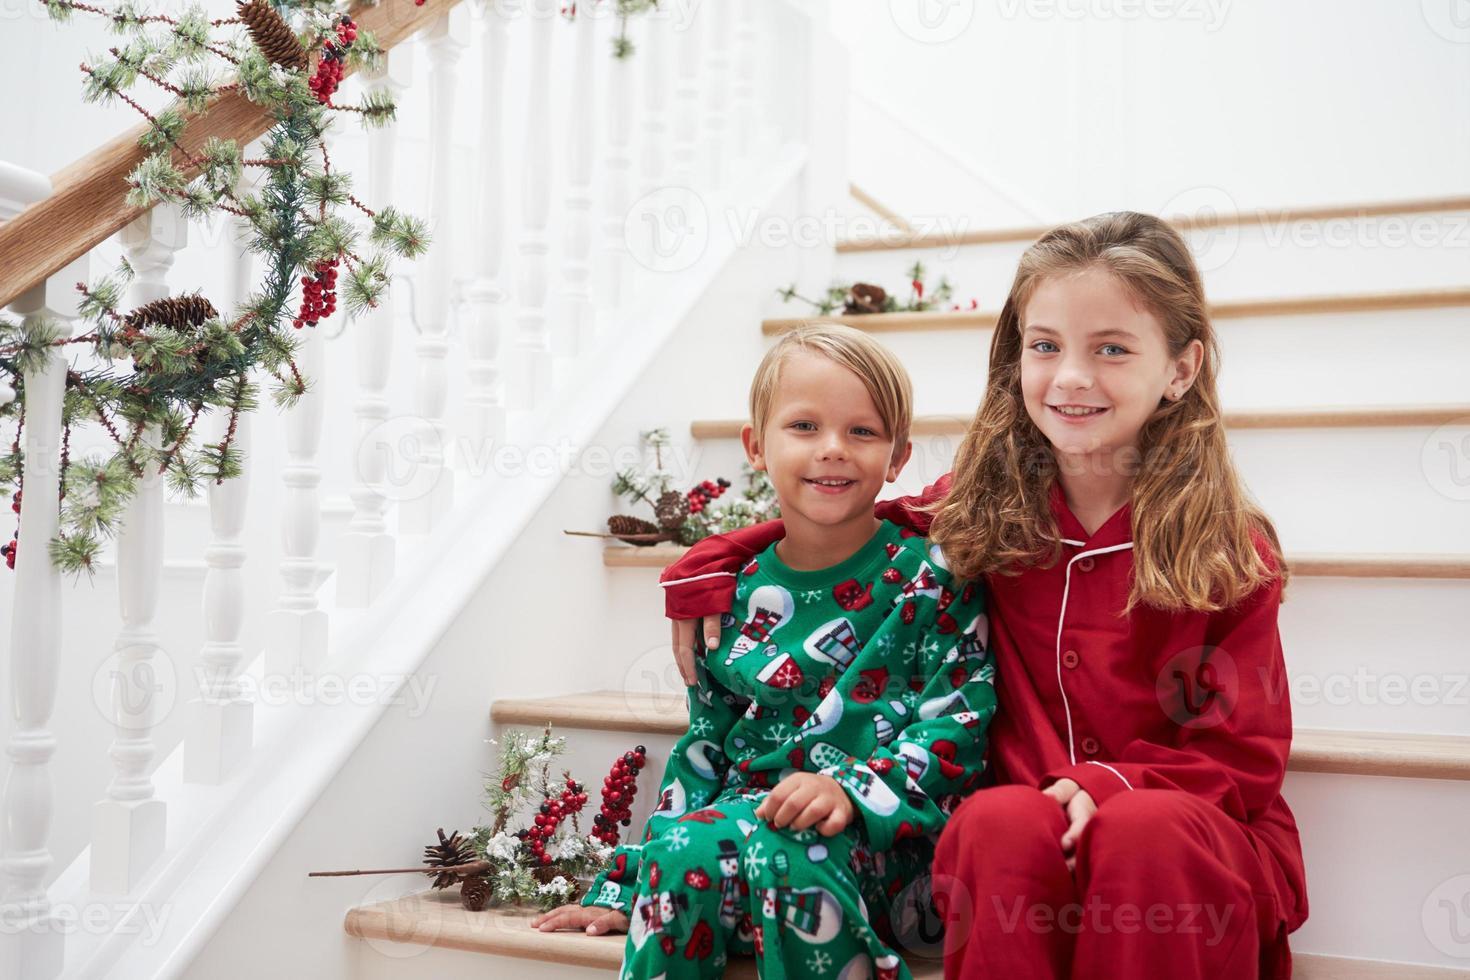 due bambini seduti sulle scale in pigiama a Natale foto